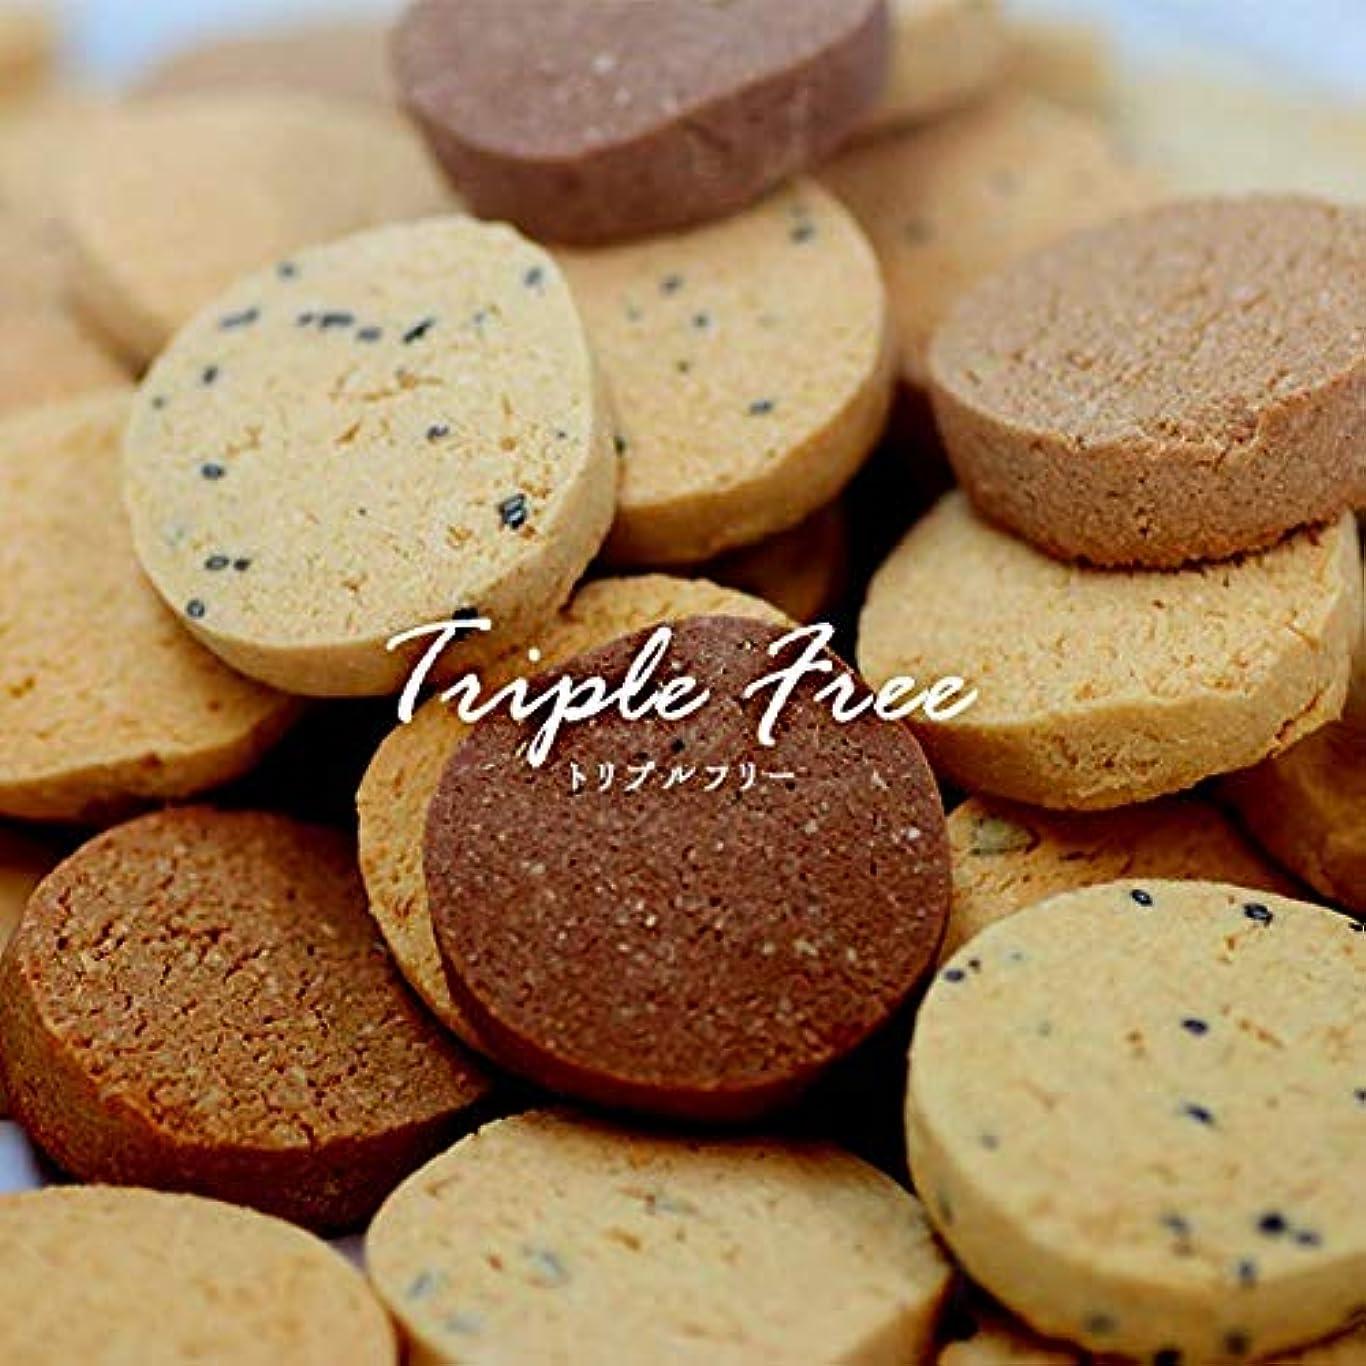 空洞再発するエジプト新感覚!大人気5種類!Triple Free 豆乳おからクッキー 1kg(個包装)小麦粉不使用のダイエットクッキー [並行輸入品]